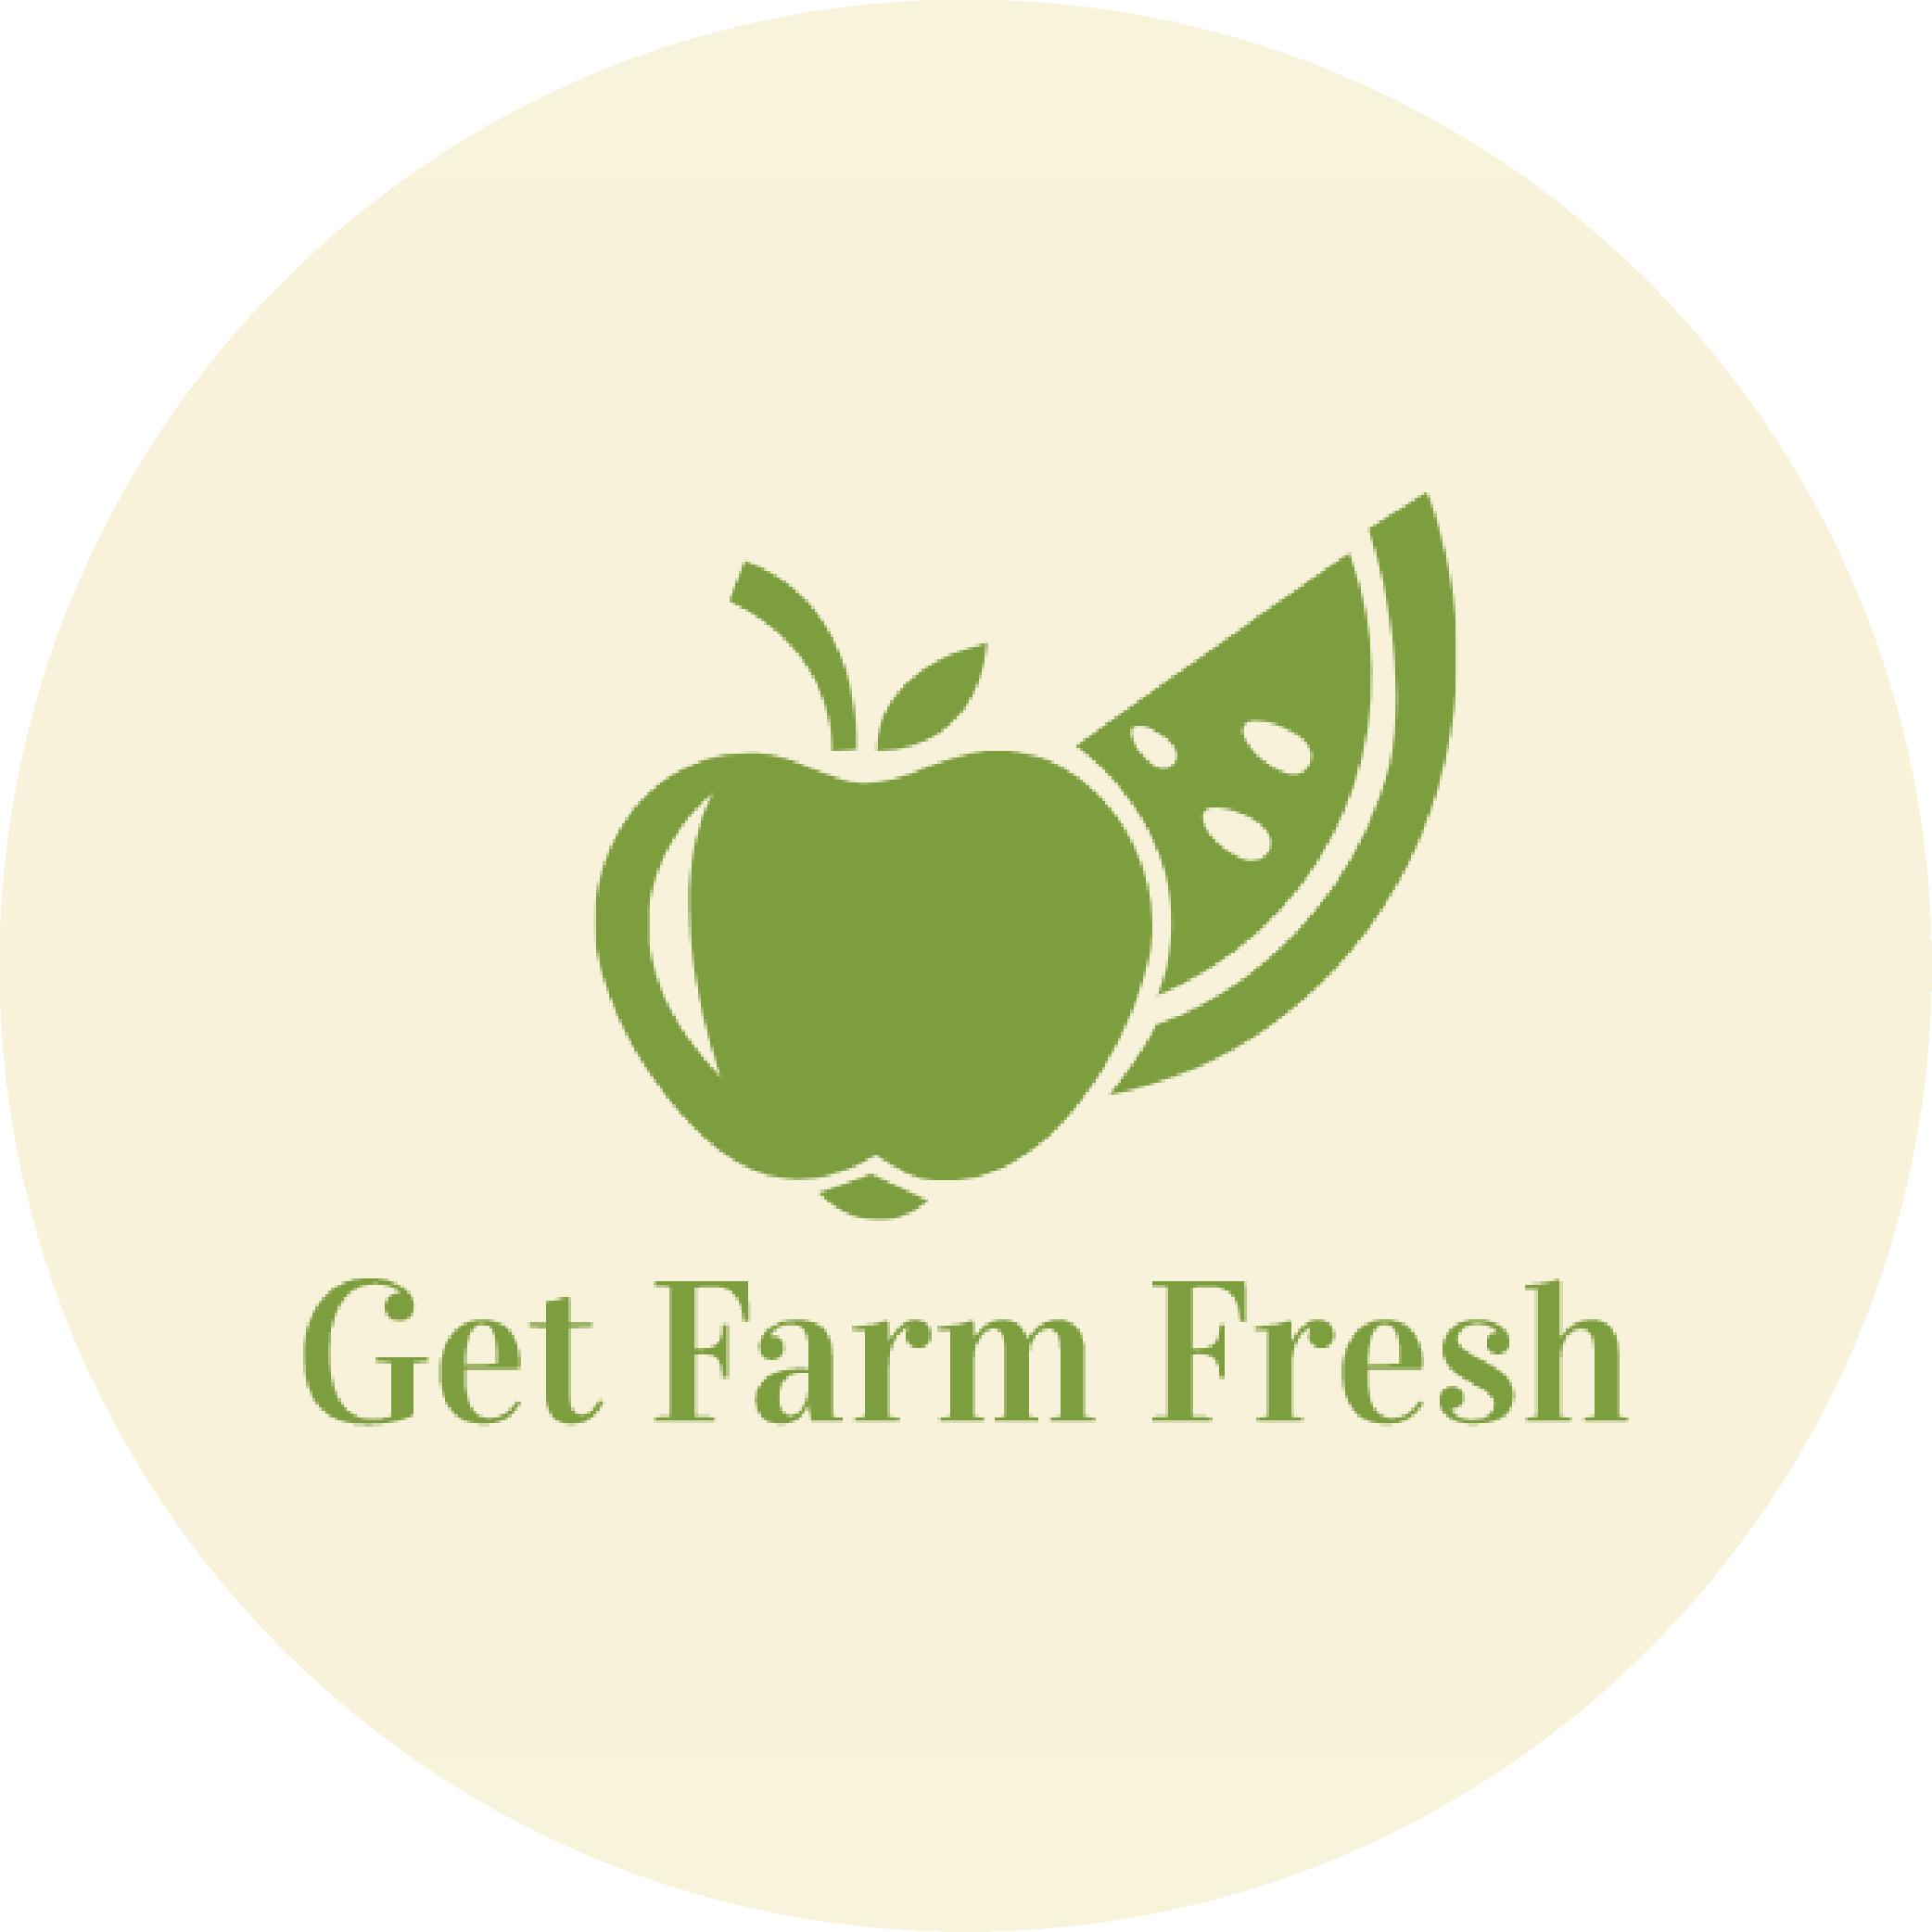 GET FARM FRESH